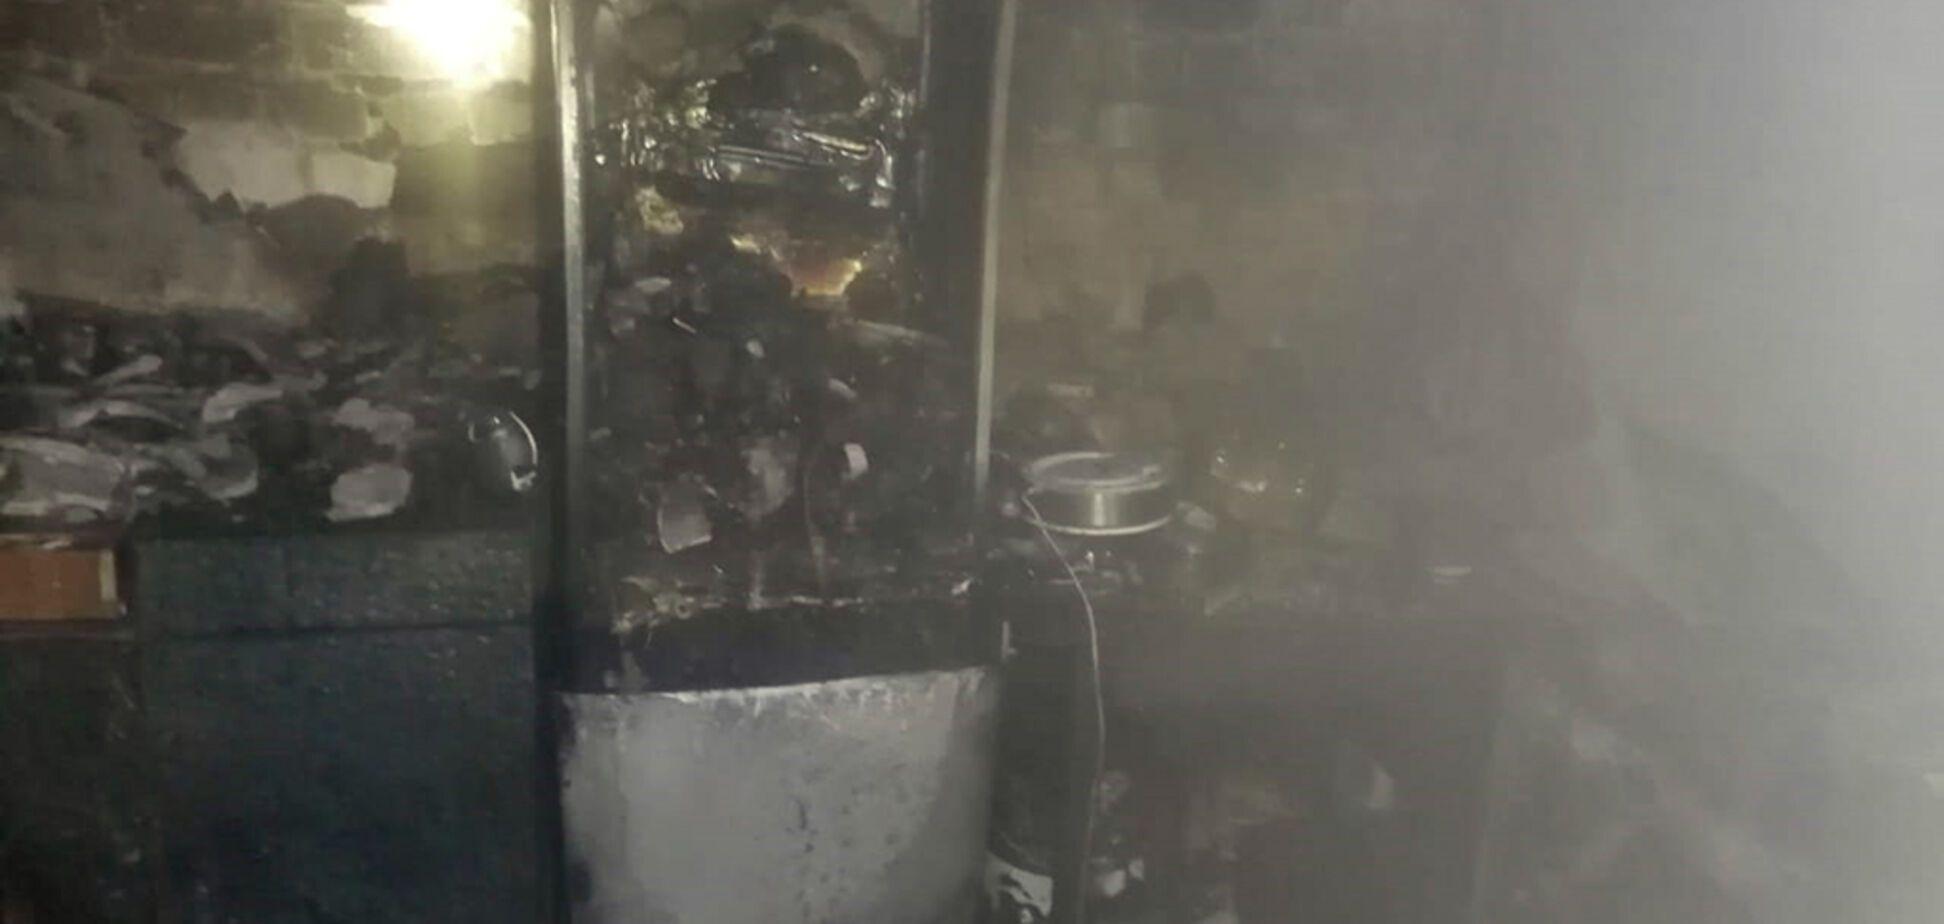 Под Днепром спасатели выносили детей из горящего общежития. Фото